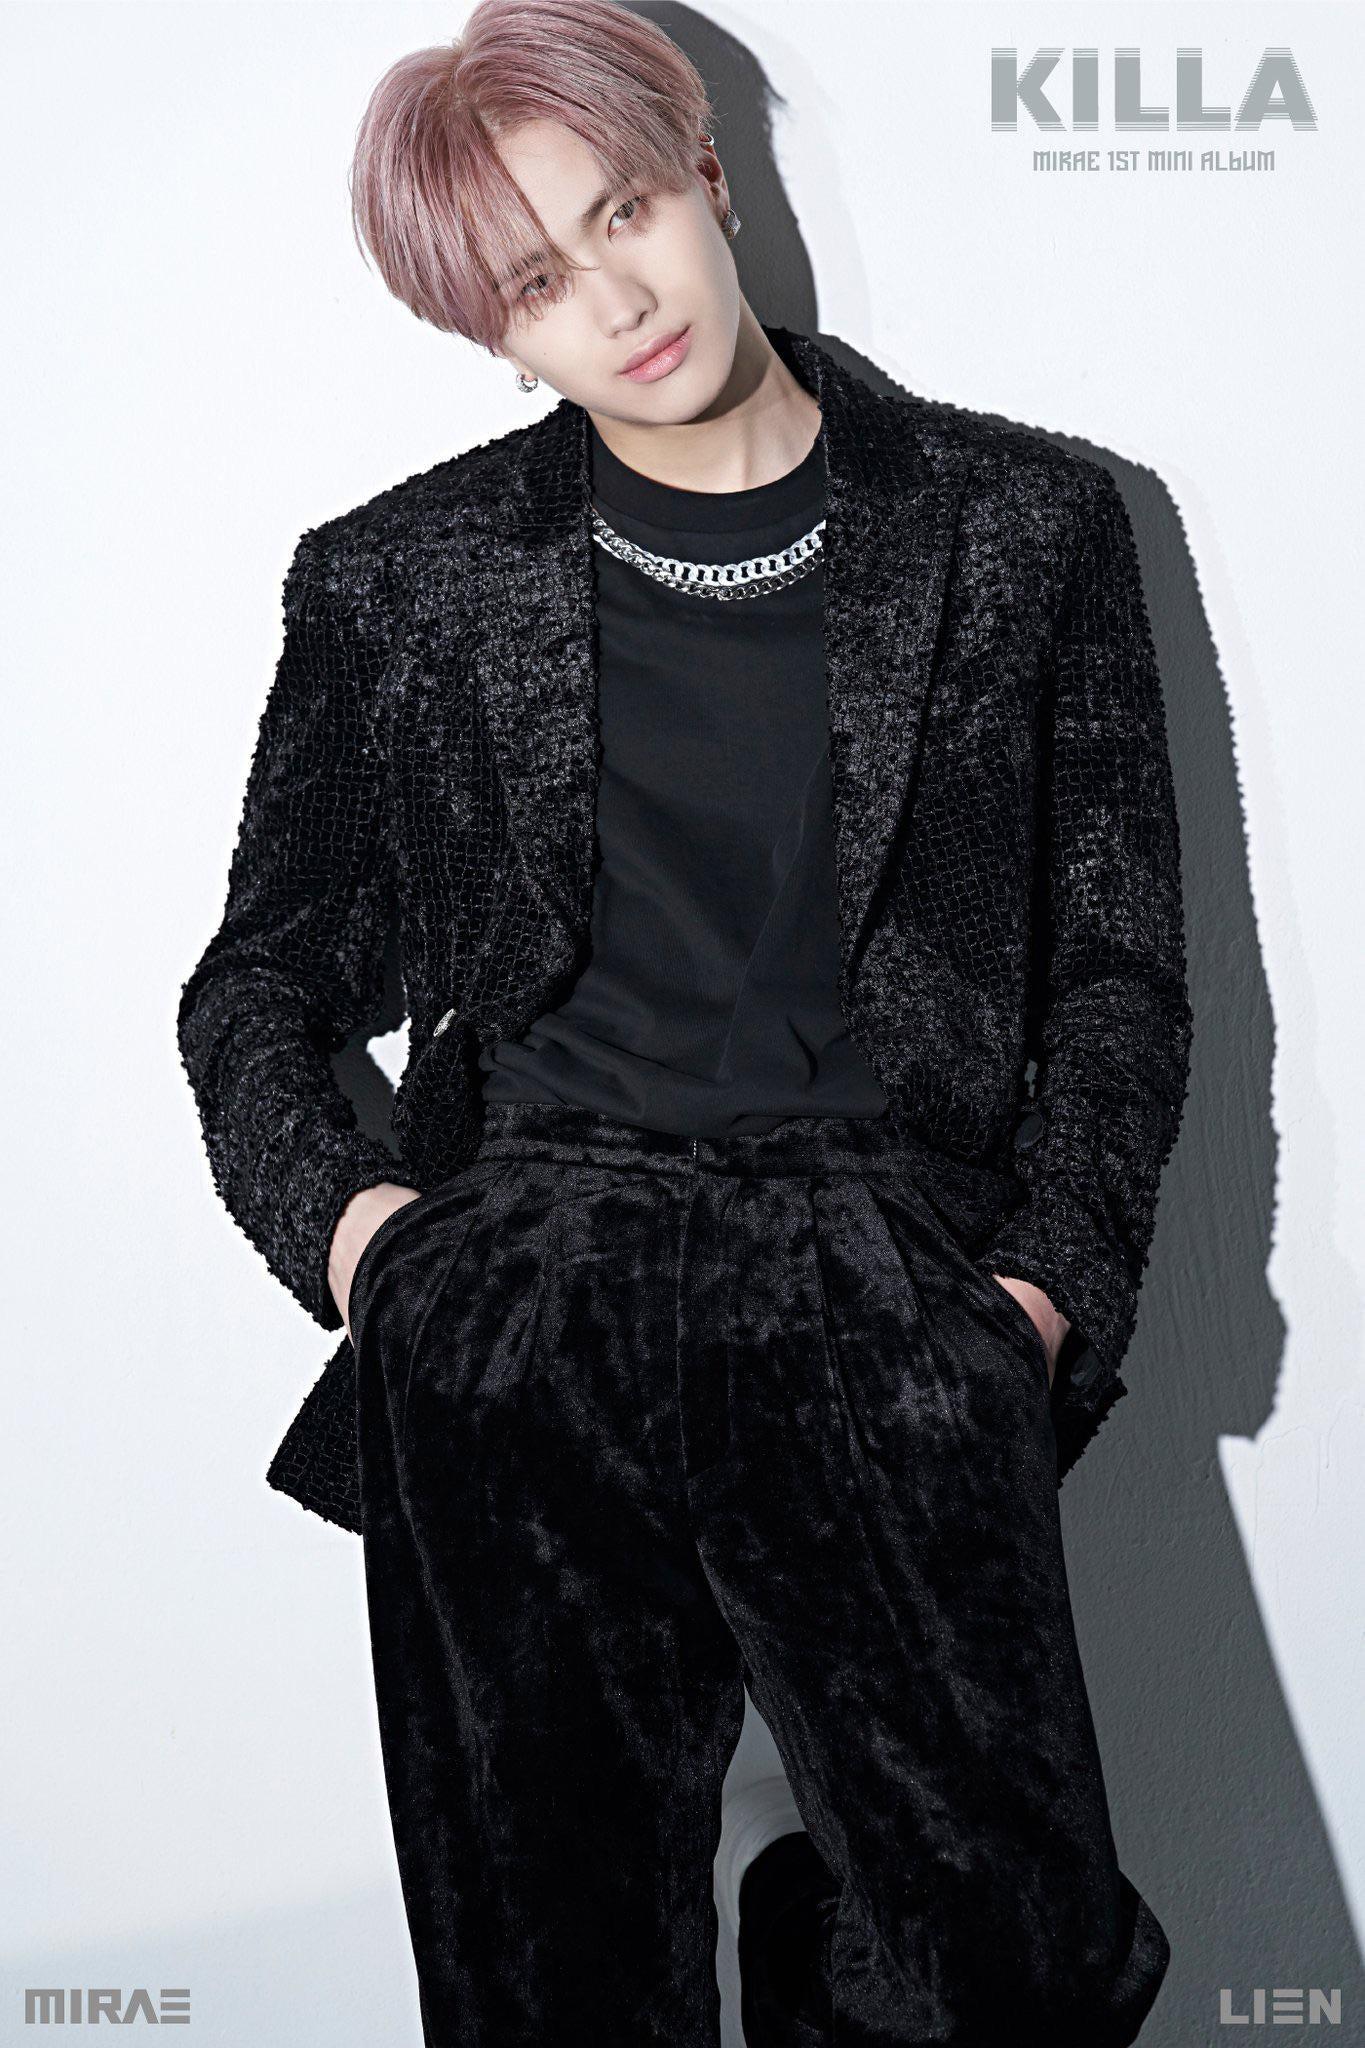 Dong Pyo y Lien de MIRAE comparten sus sus fotos teaser para 'KILLA'